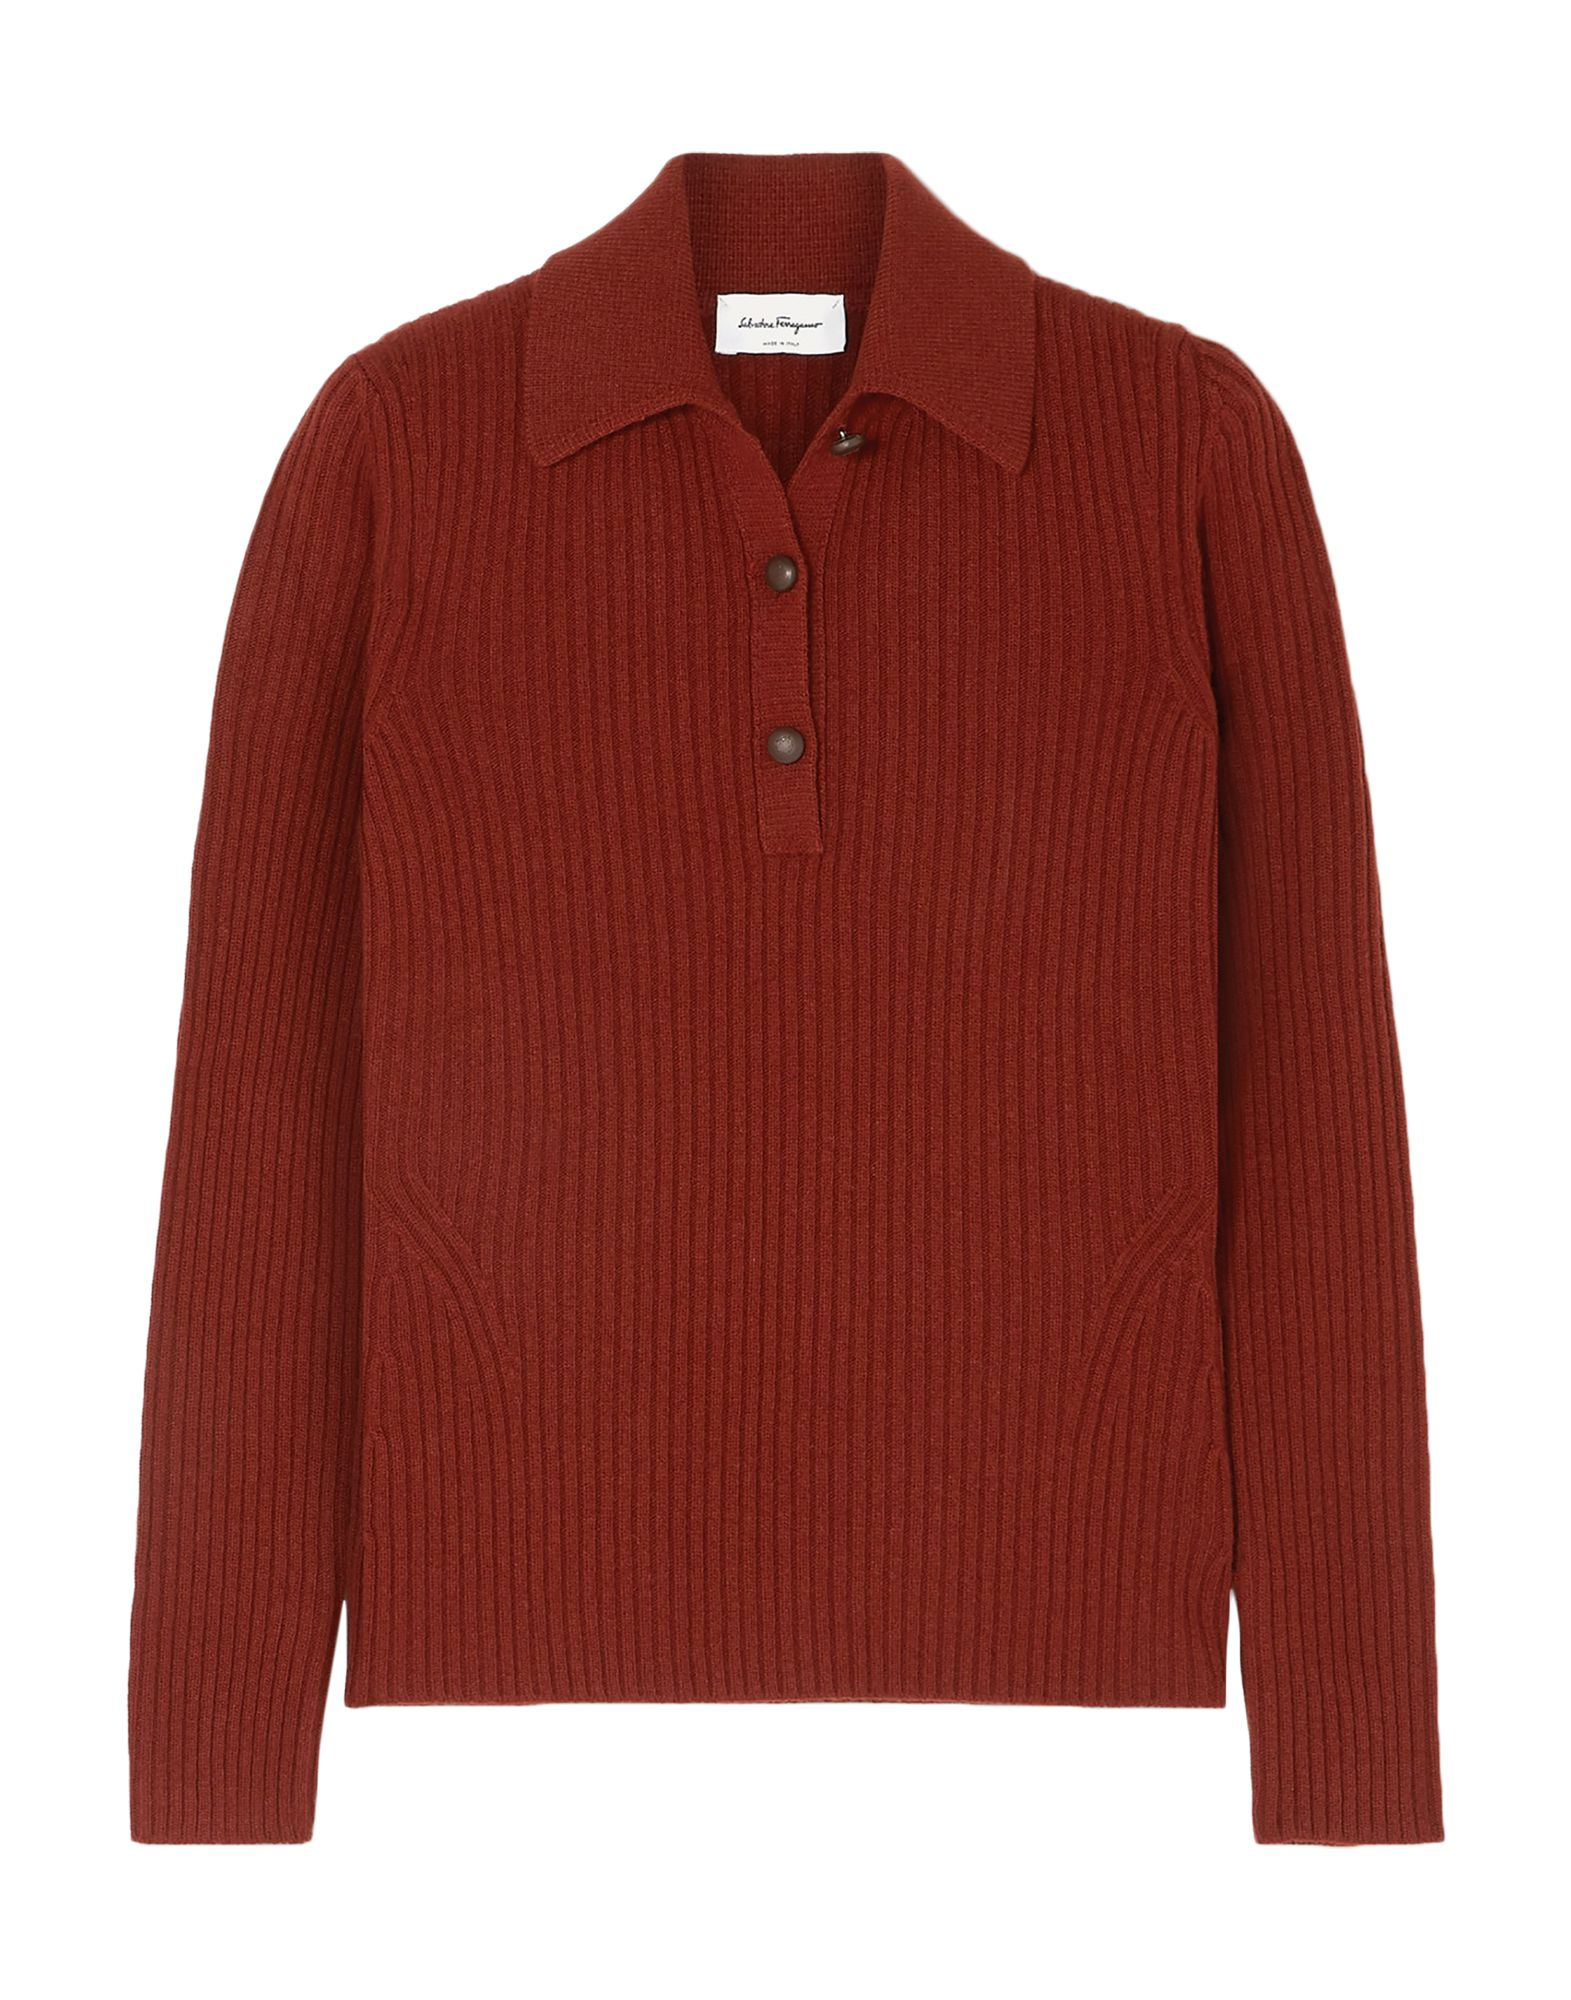 SALVATORE FERRAGAMO Sweaters - Item 14085964